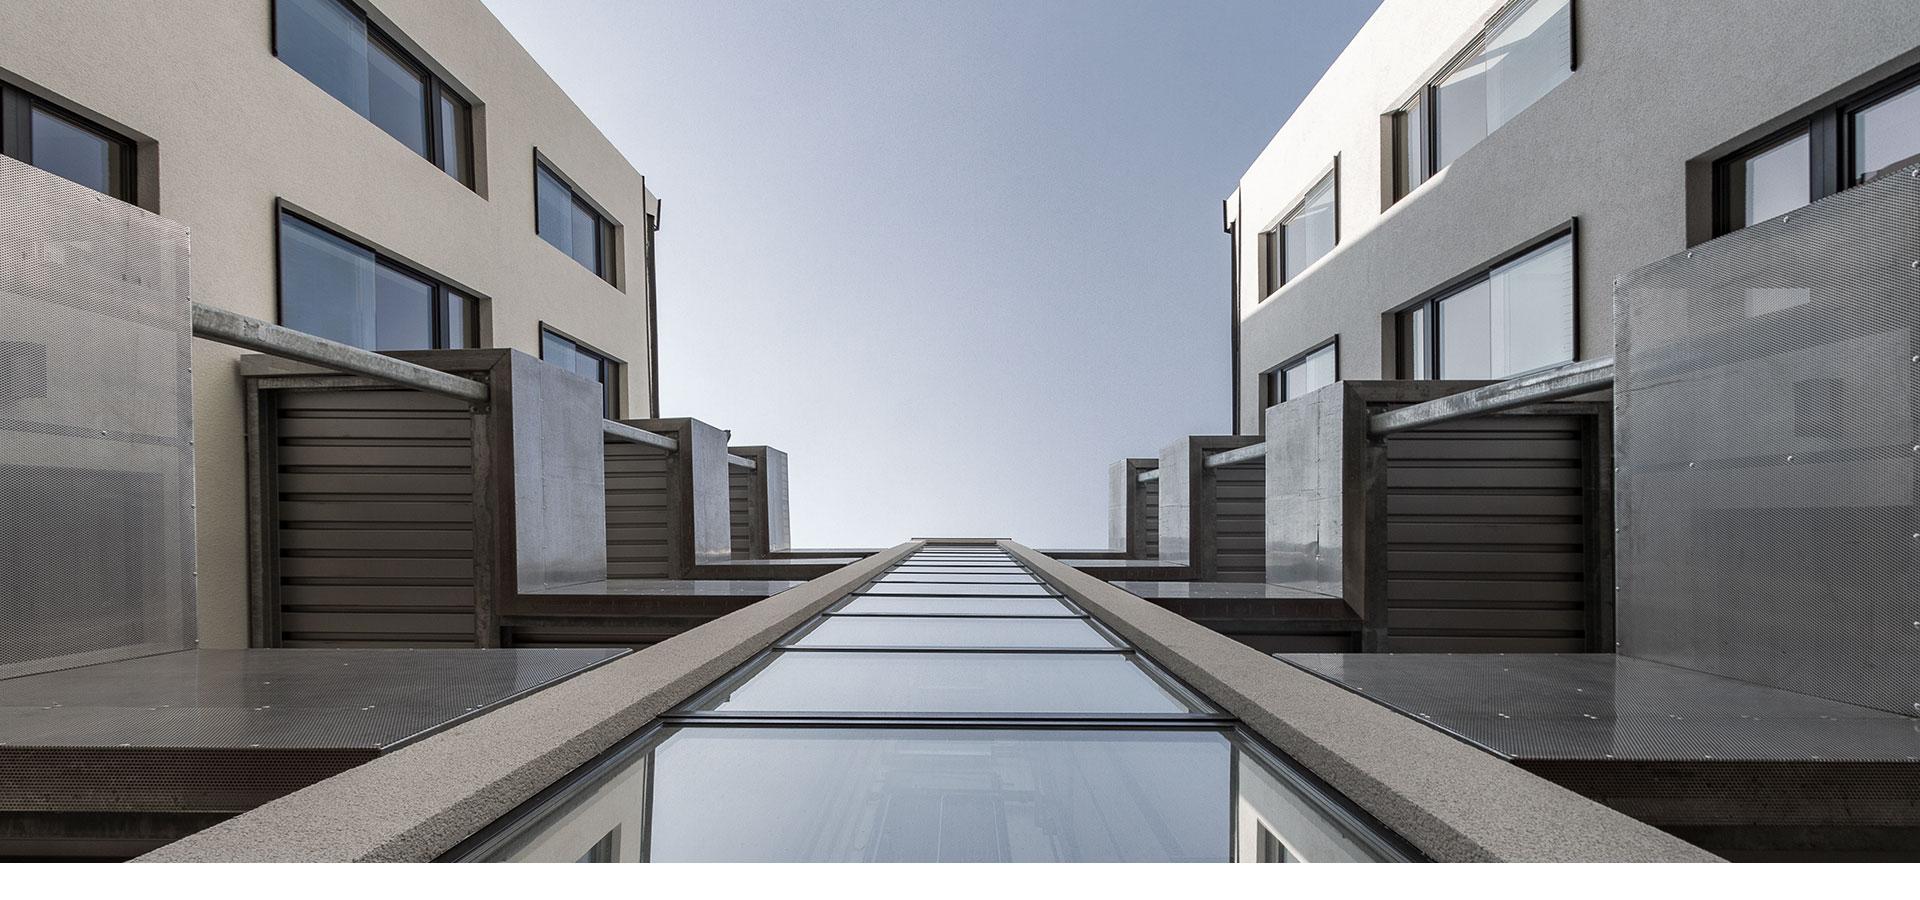 AVEST - Immobilie in der Hollergasse 40, 1150 Wien. Innenhof, mit Blick nach oben.